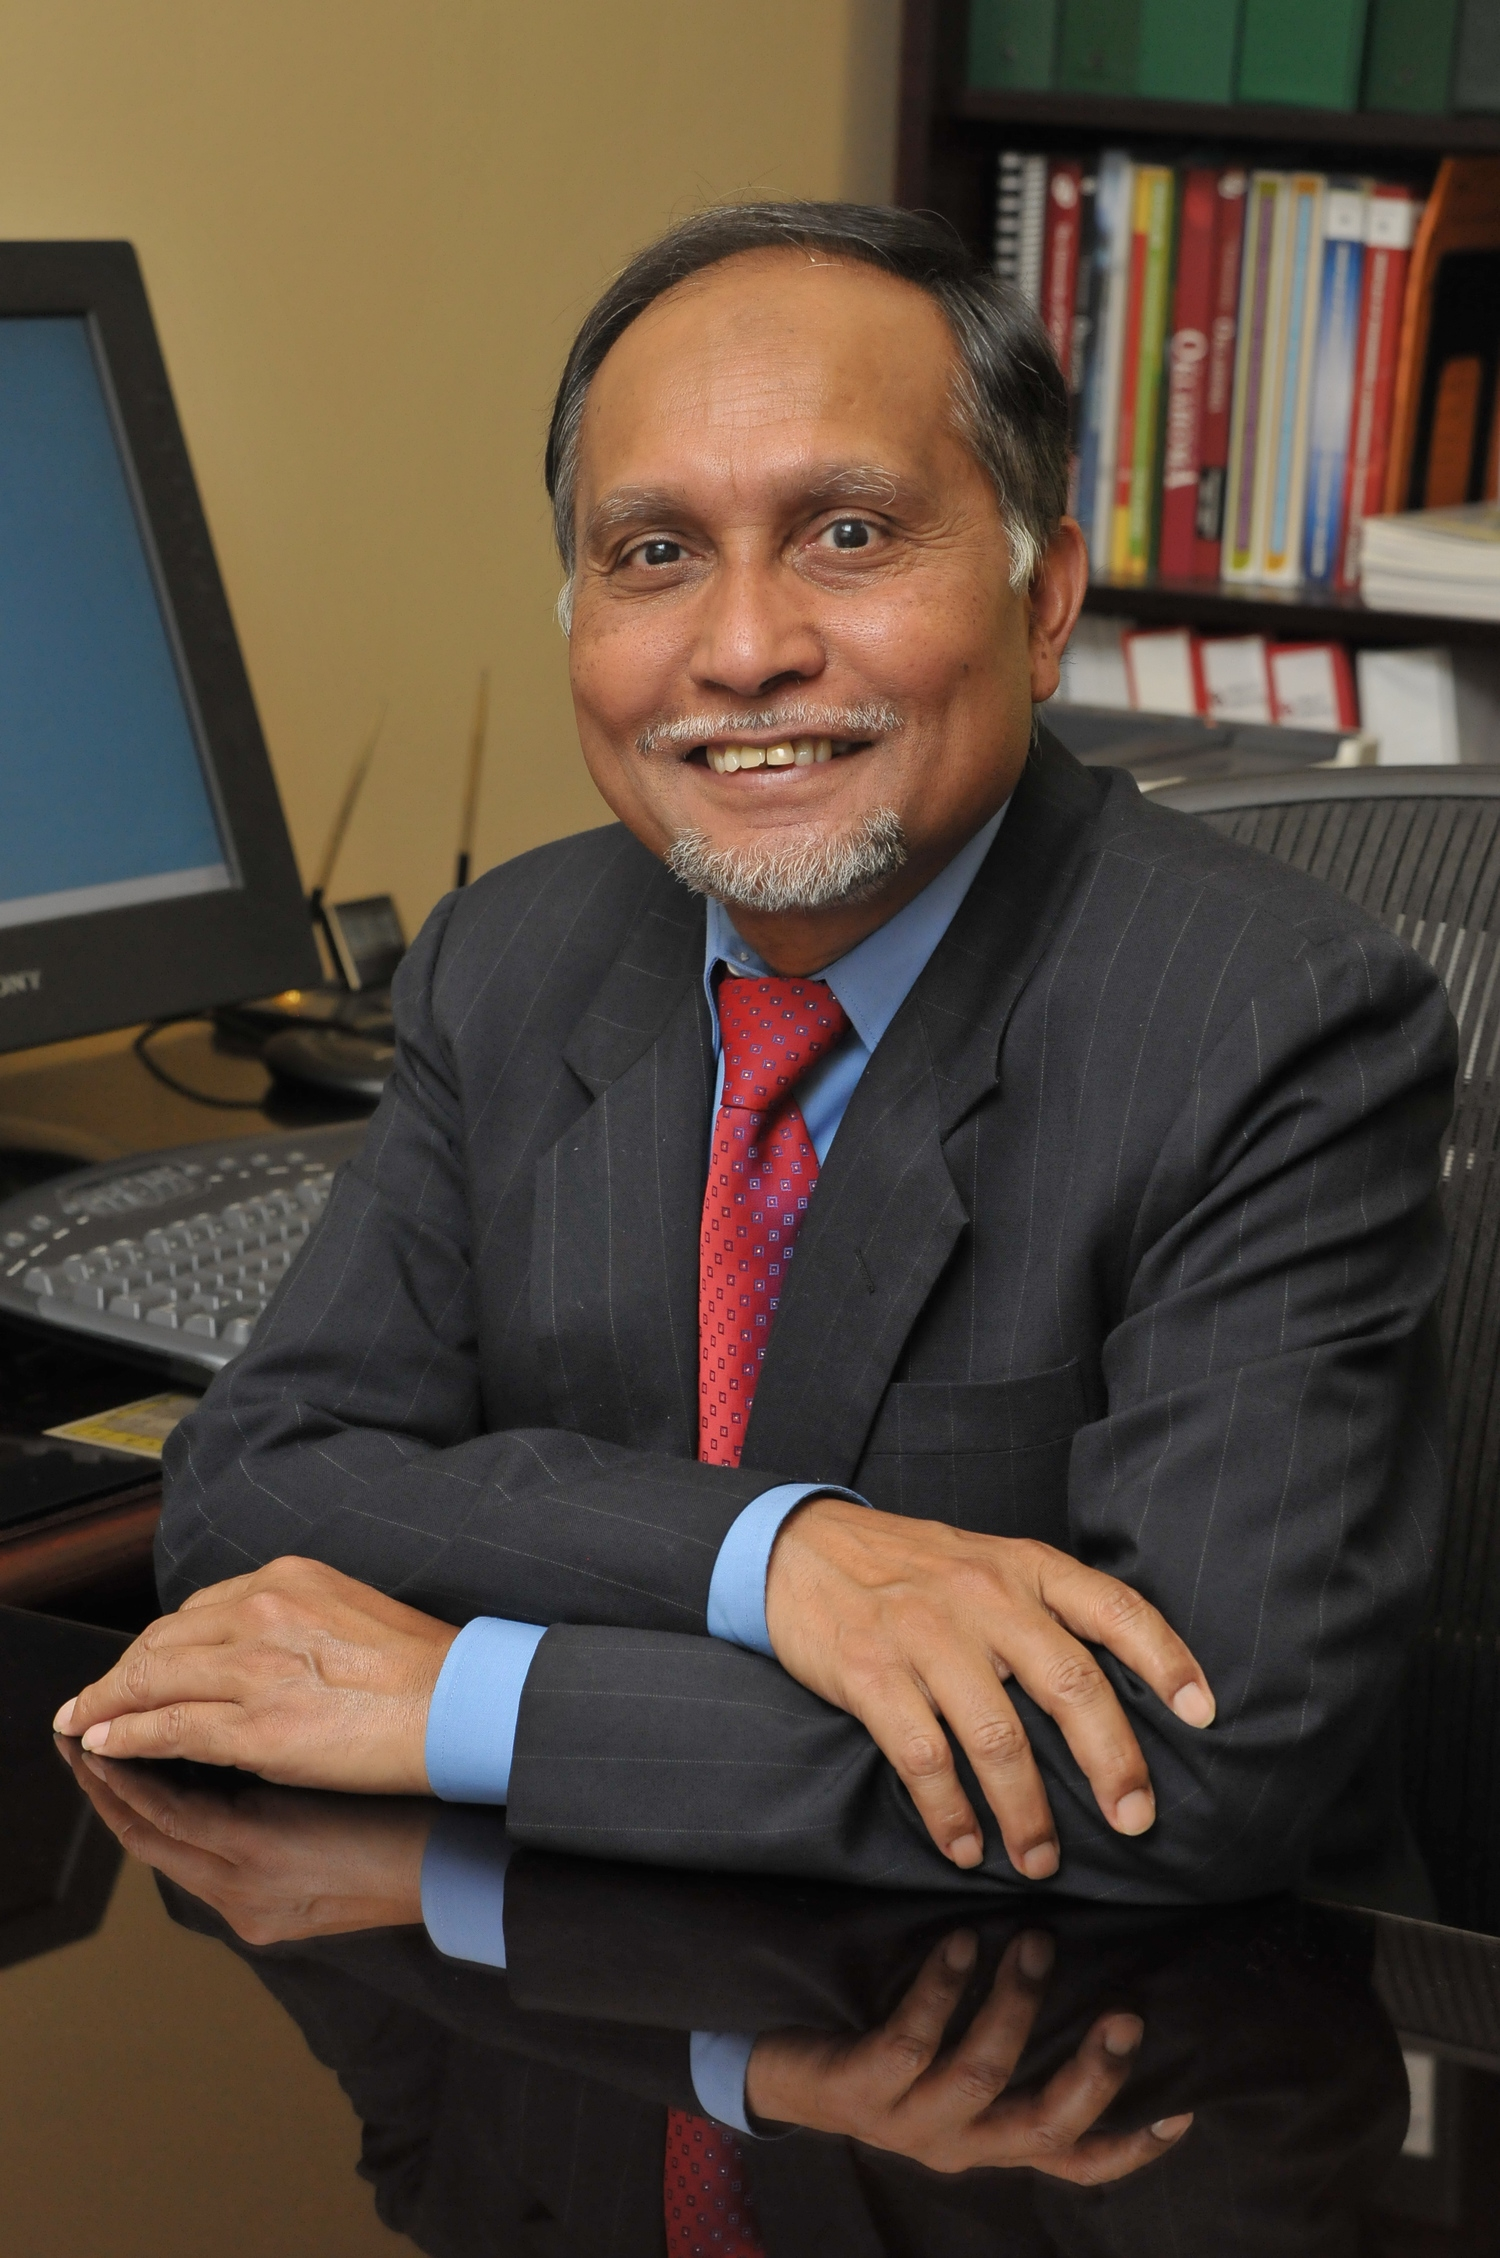 Dr. MUSHARRAF ZAMAN